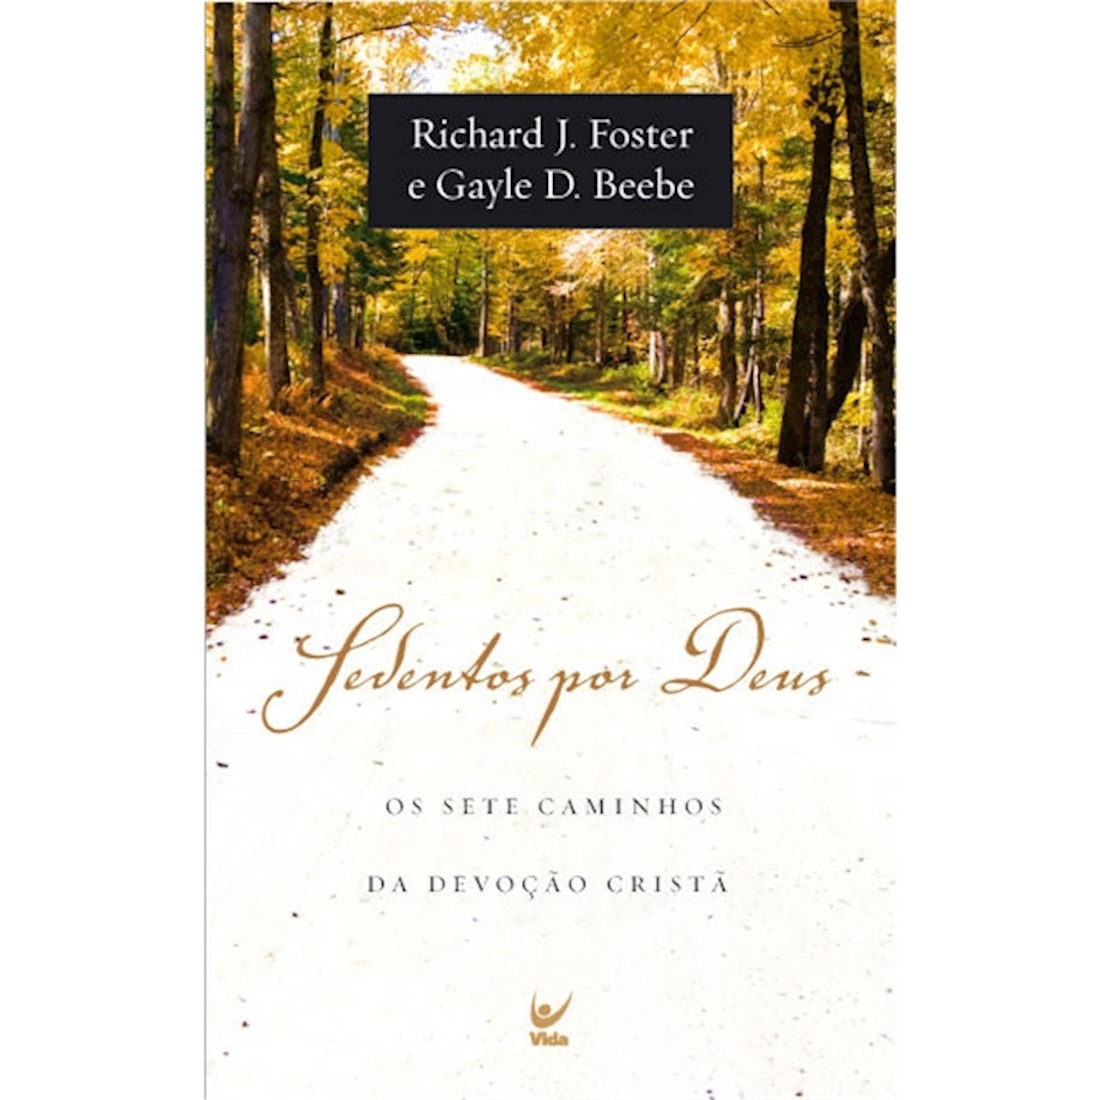 Livro Sedentos por Deus - Os Sete Caminhos da Devoção Cristã